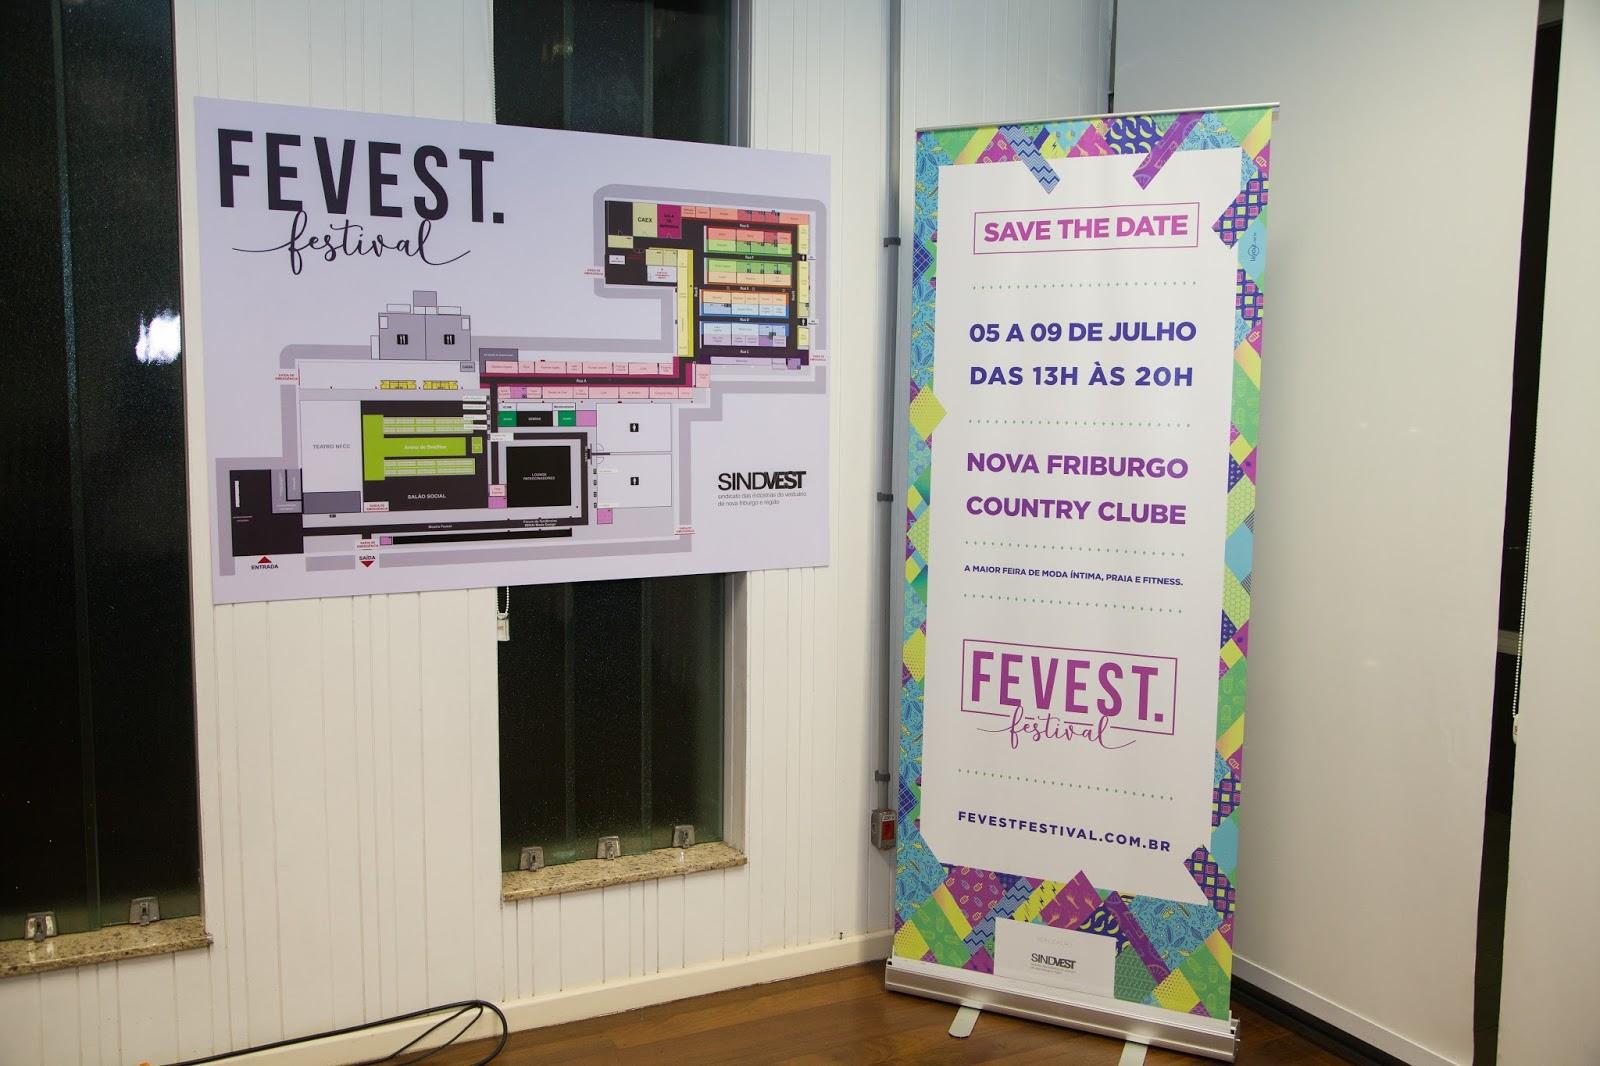 7997cccb8 Lançamento da Fevest Festival aconteceu na segunda-feira